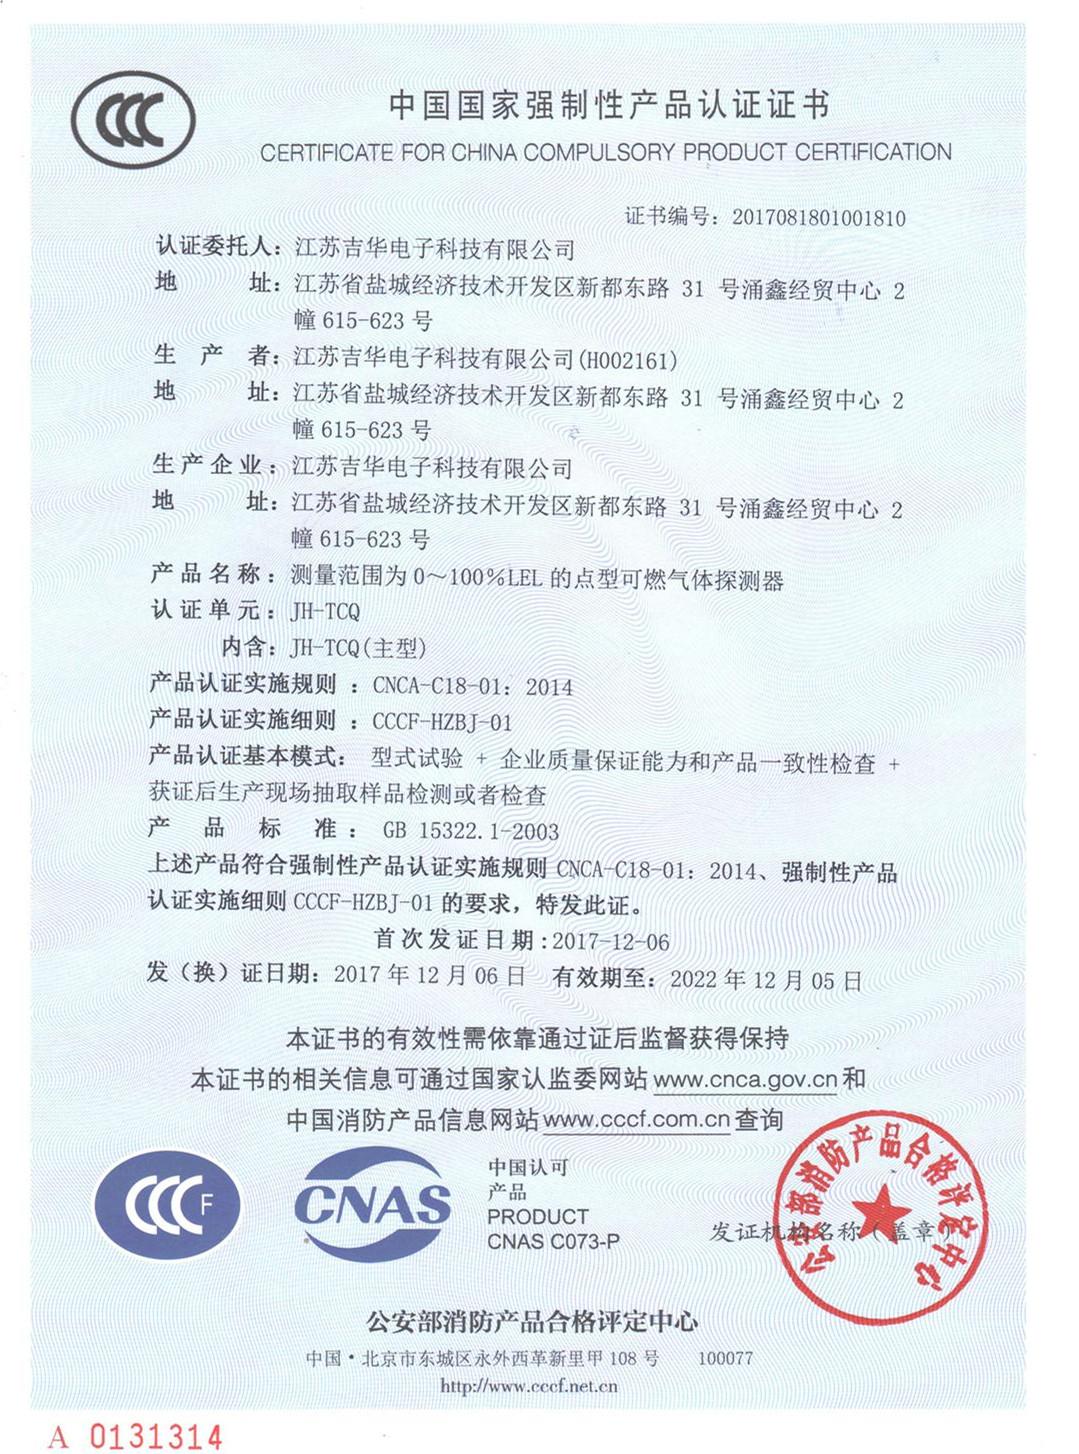 JH-TCQ CCC证书